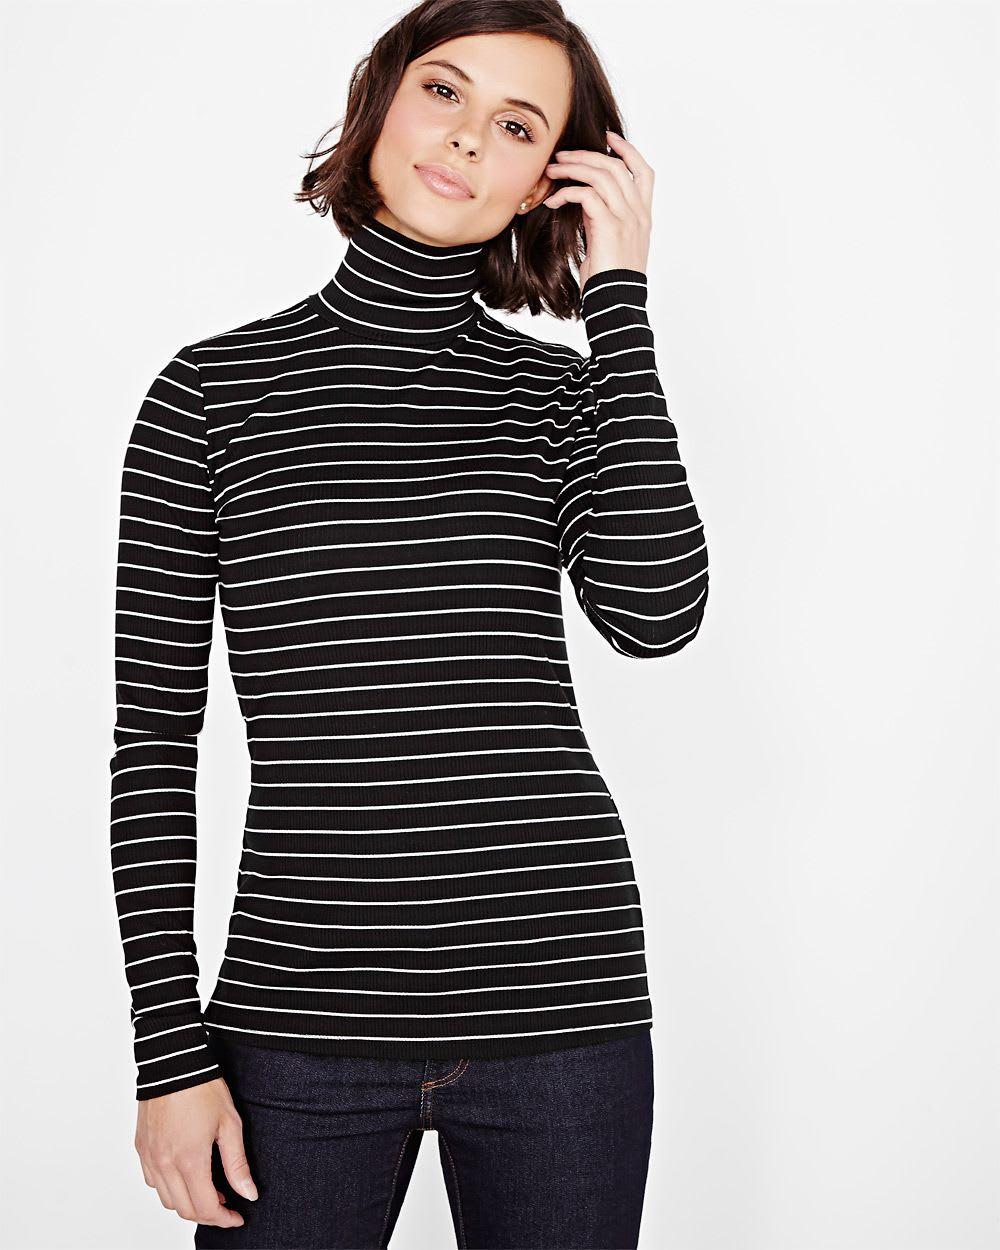 cdaf9e52021 Turtleneck T Shirt Dress